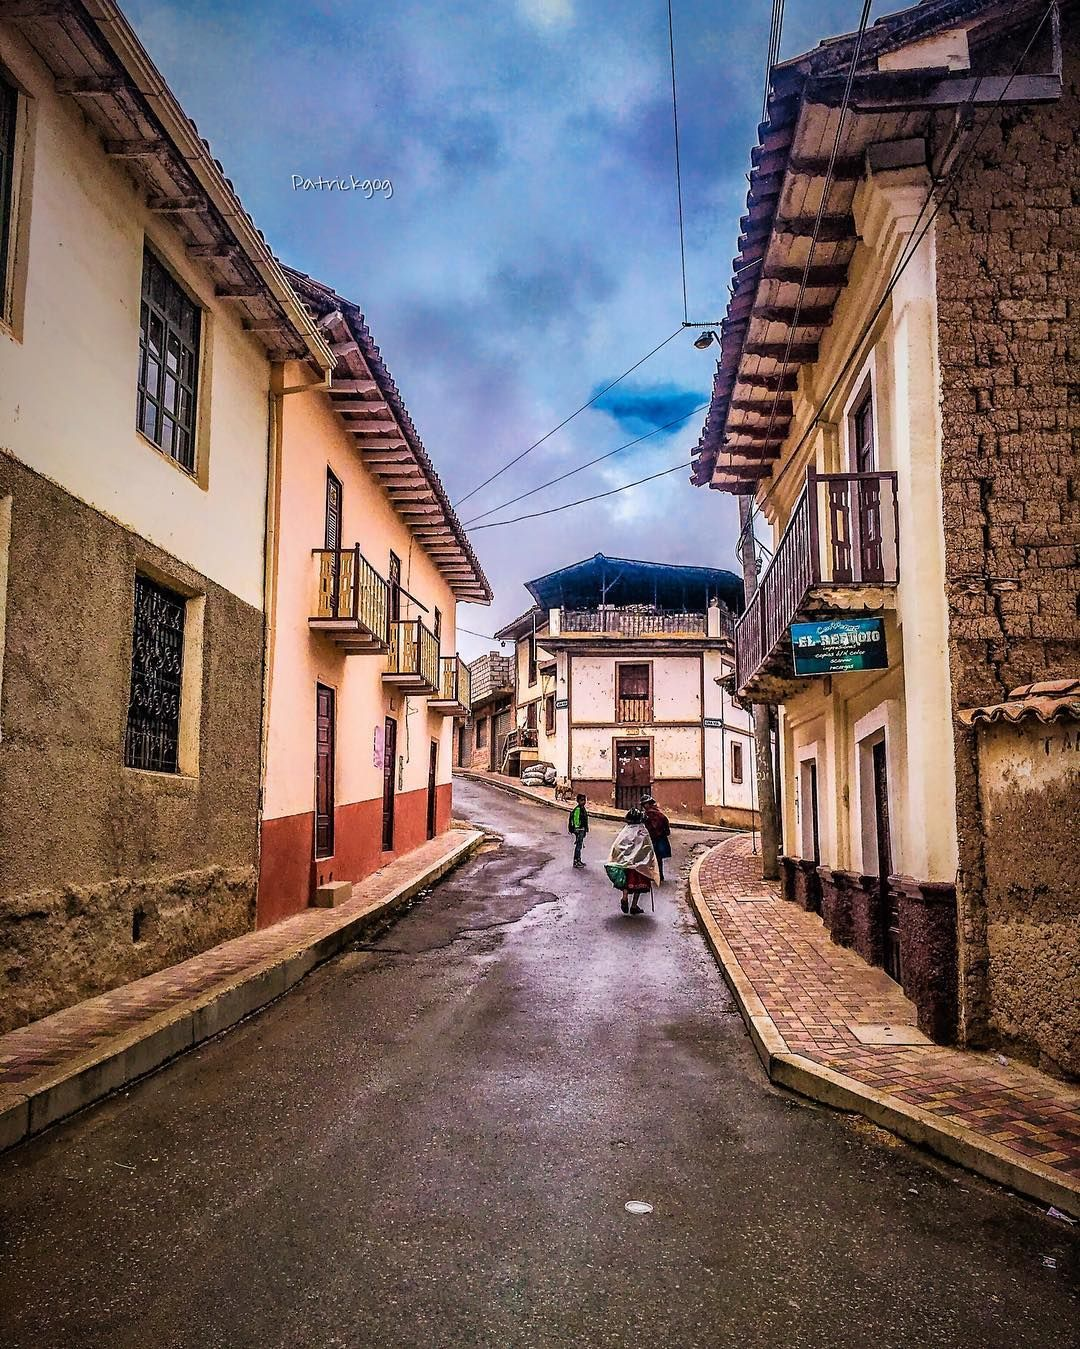 Calle de San Bartolo  Serie #street #Ecuador #AllYouNeedIsEcuador #iPhoneonly #oldhouse